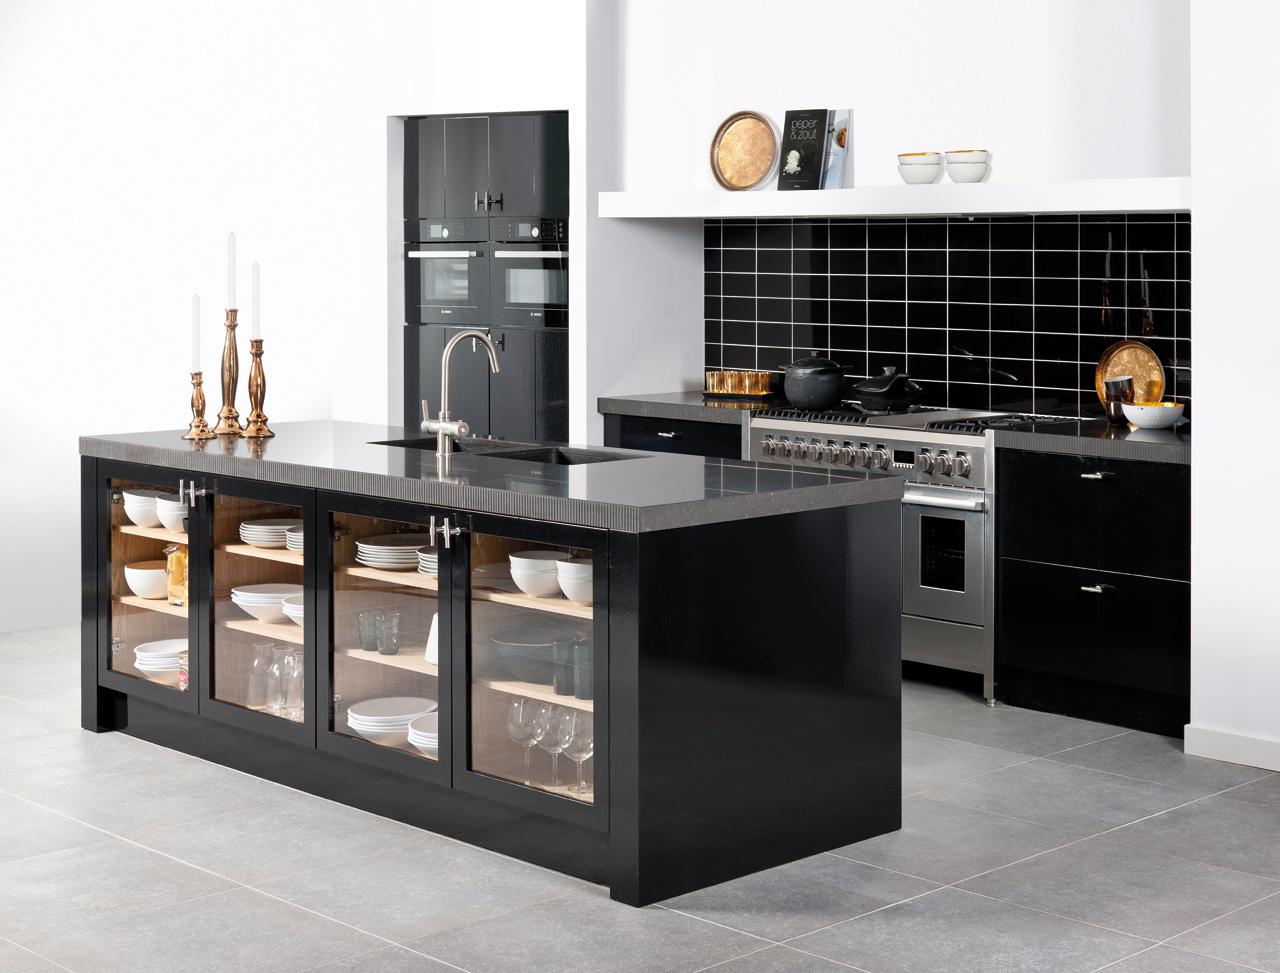 Nieuwe Keuken Kopen Tips : 973 jpeg 713kB, Nieuwe Keuken Kopen Alles Over Een Nieuwe Keuken